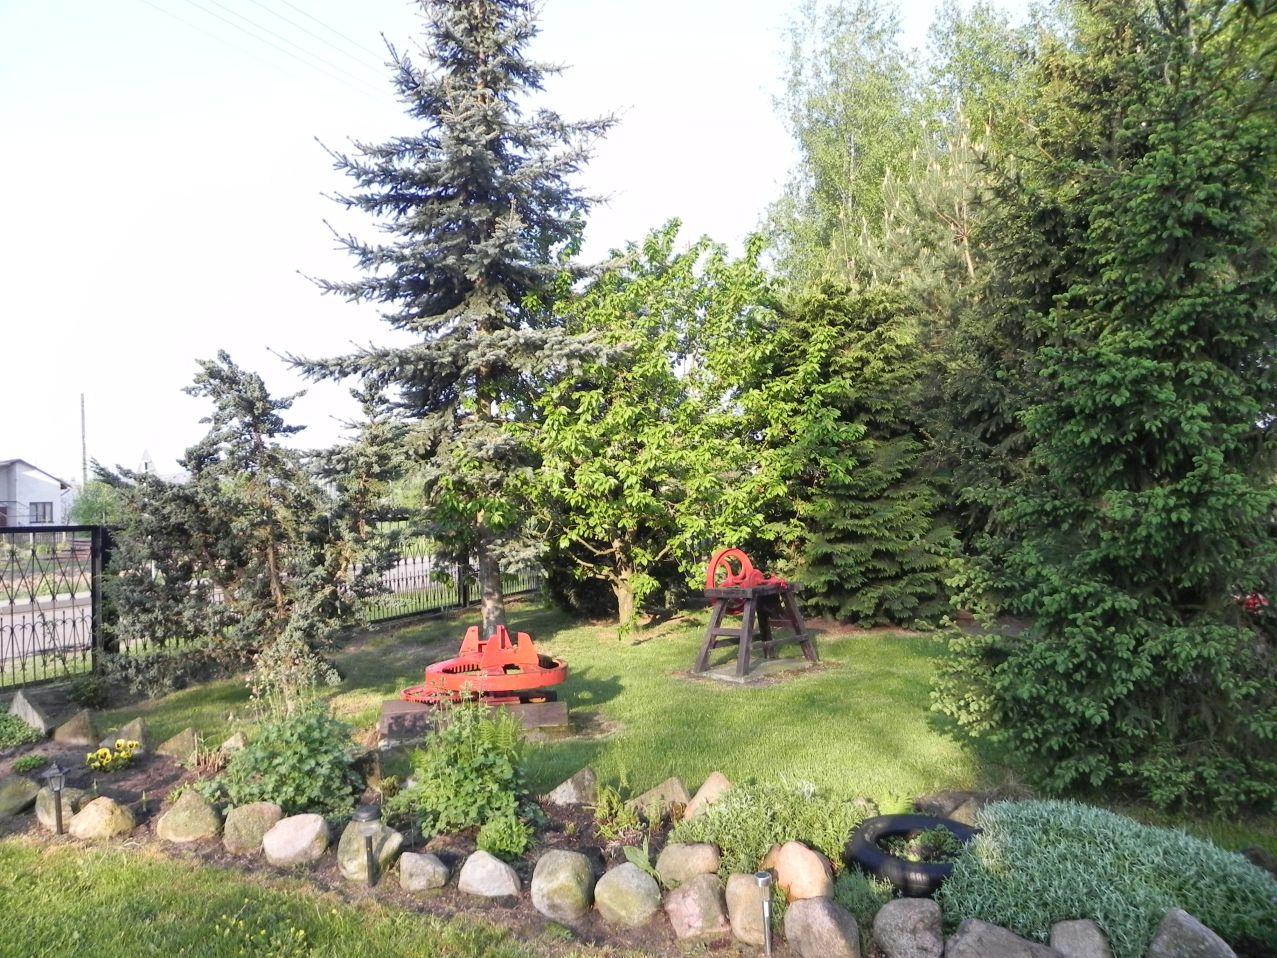 Galeria zdjęć Sochowej Zagrody - podwórko i przyroda (28)